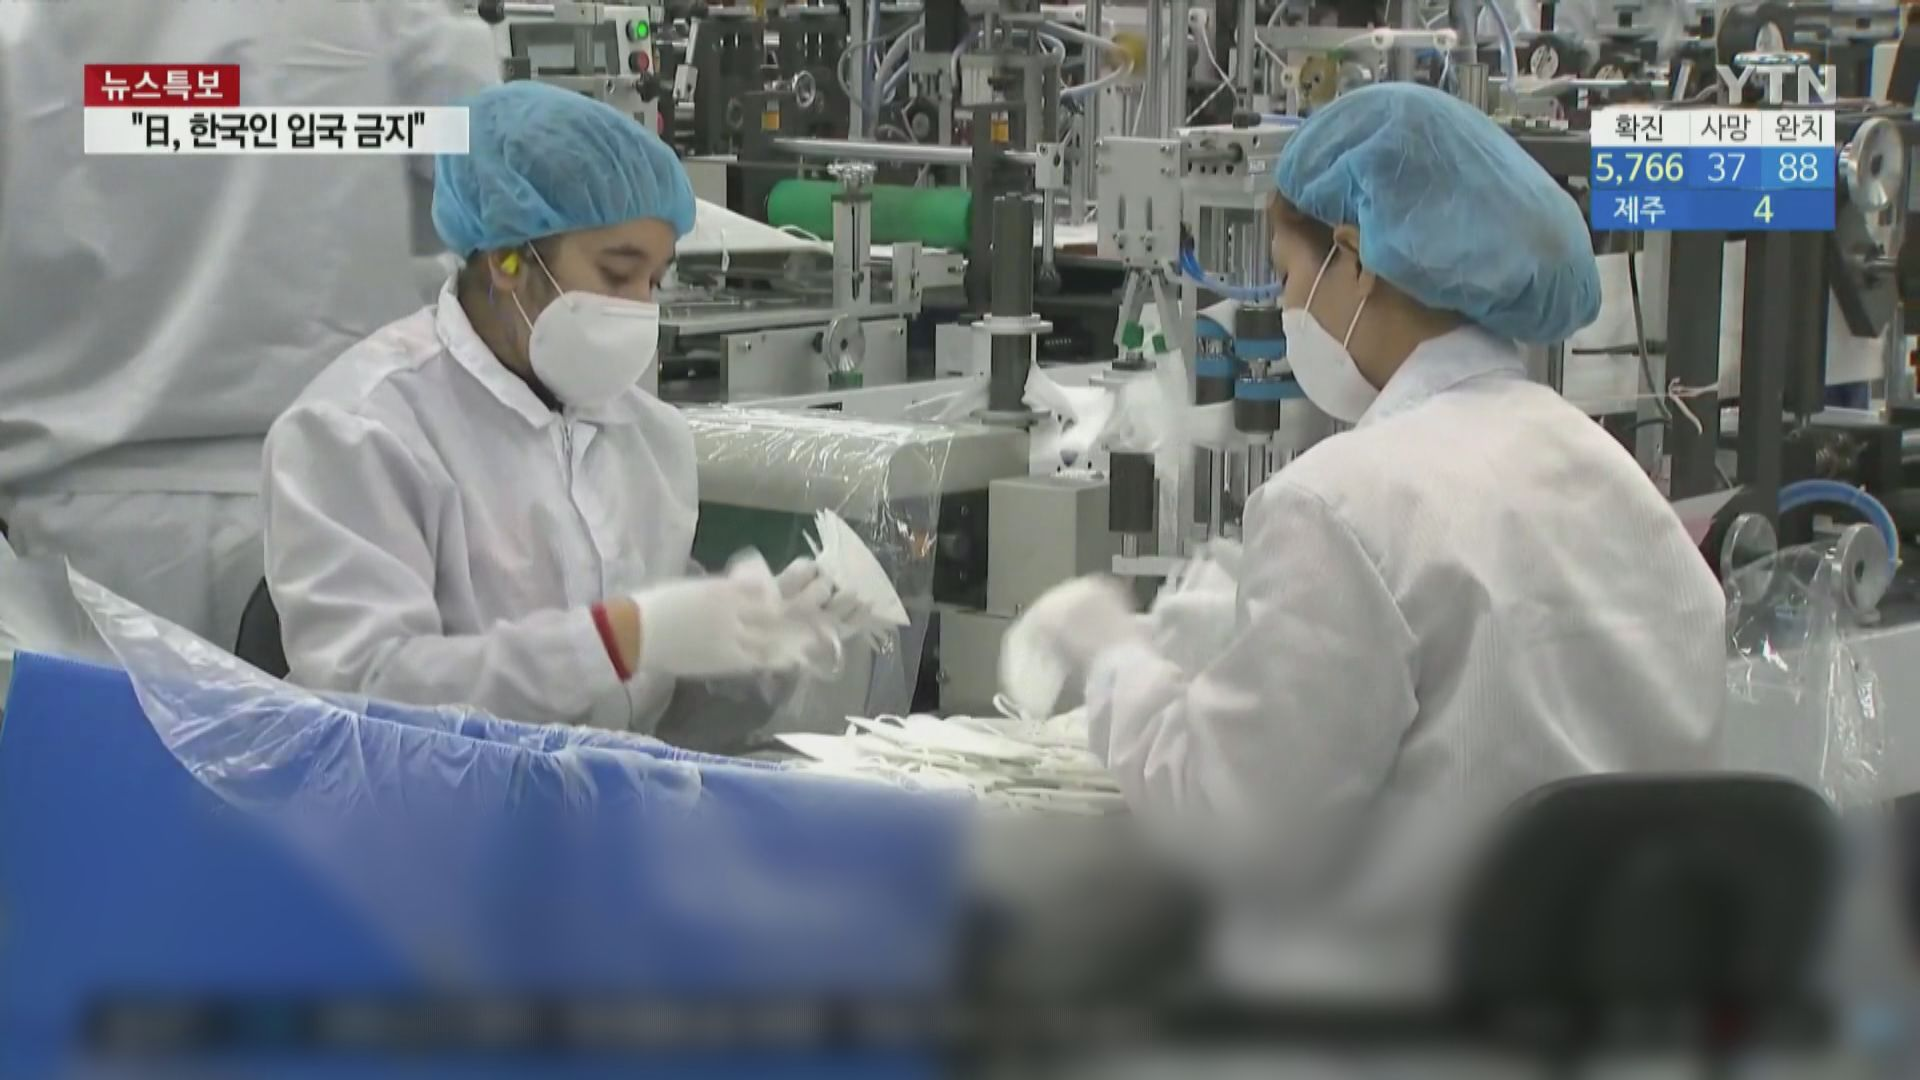 南韓禁口罩及原材料出口 下周開始限購口罩